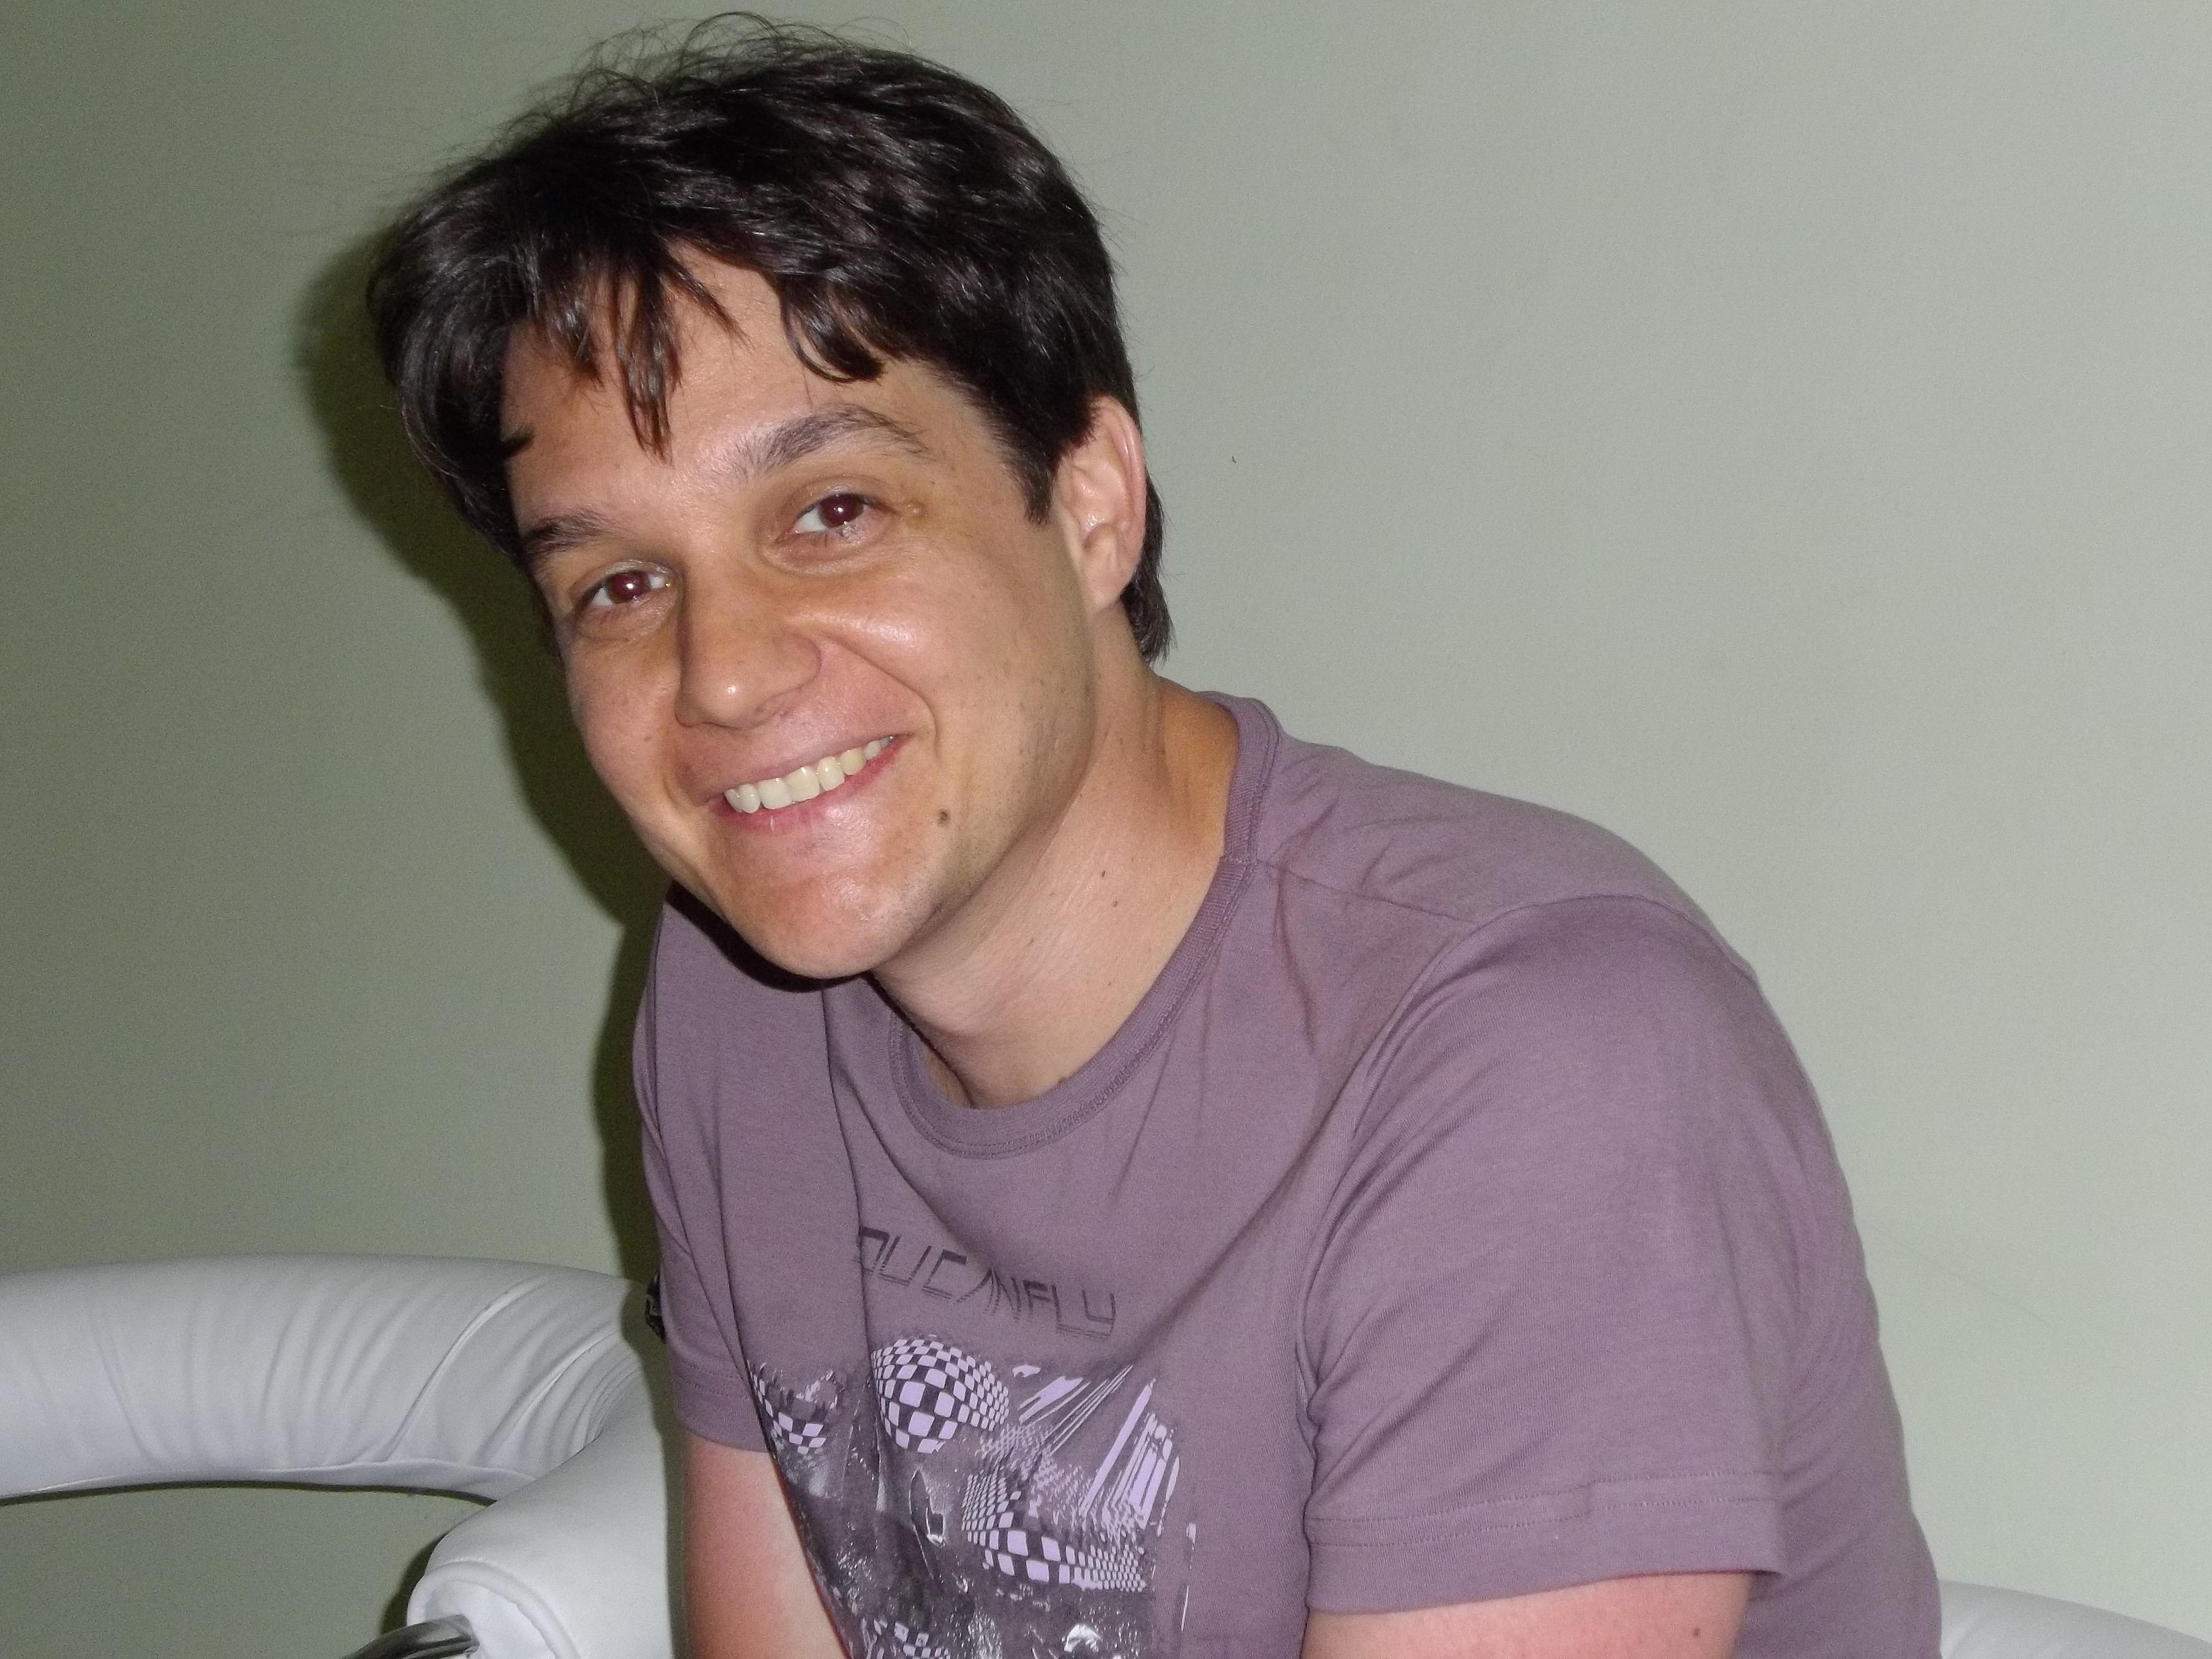 Flávio Marim – paternidade²: gerenciamento de projetos aplicado ao cuidado com os filhos